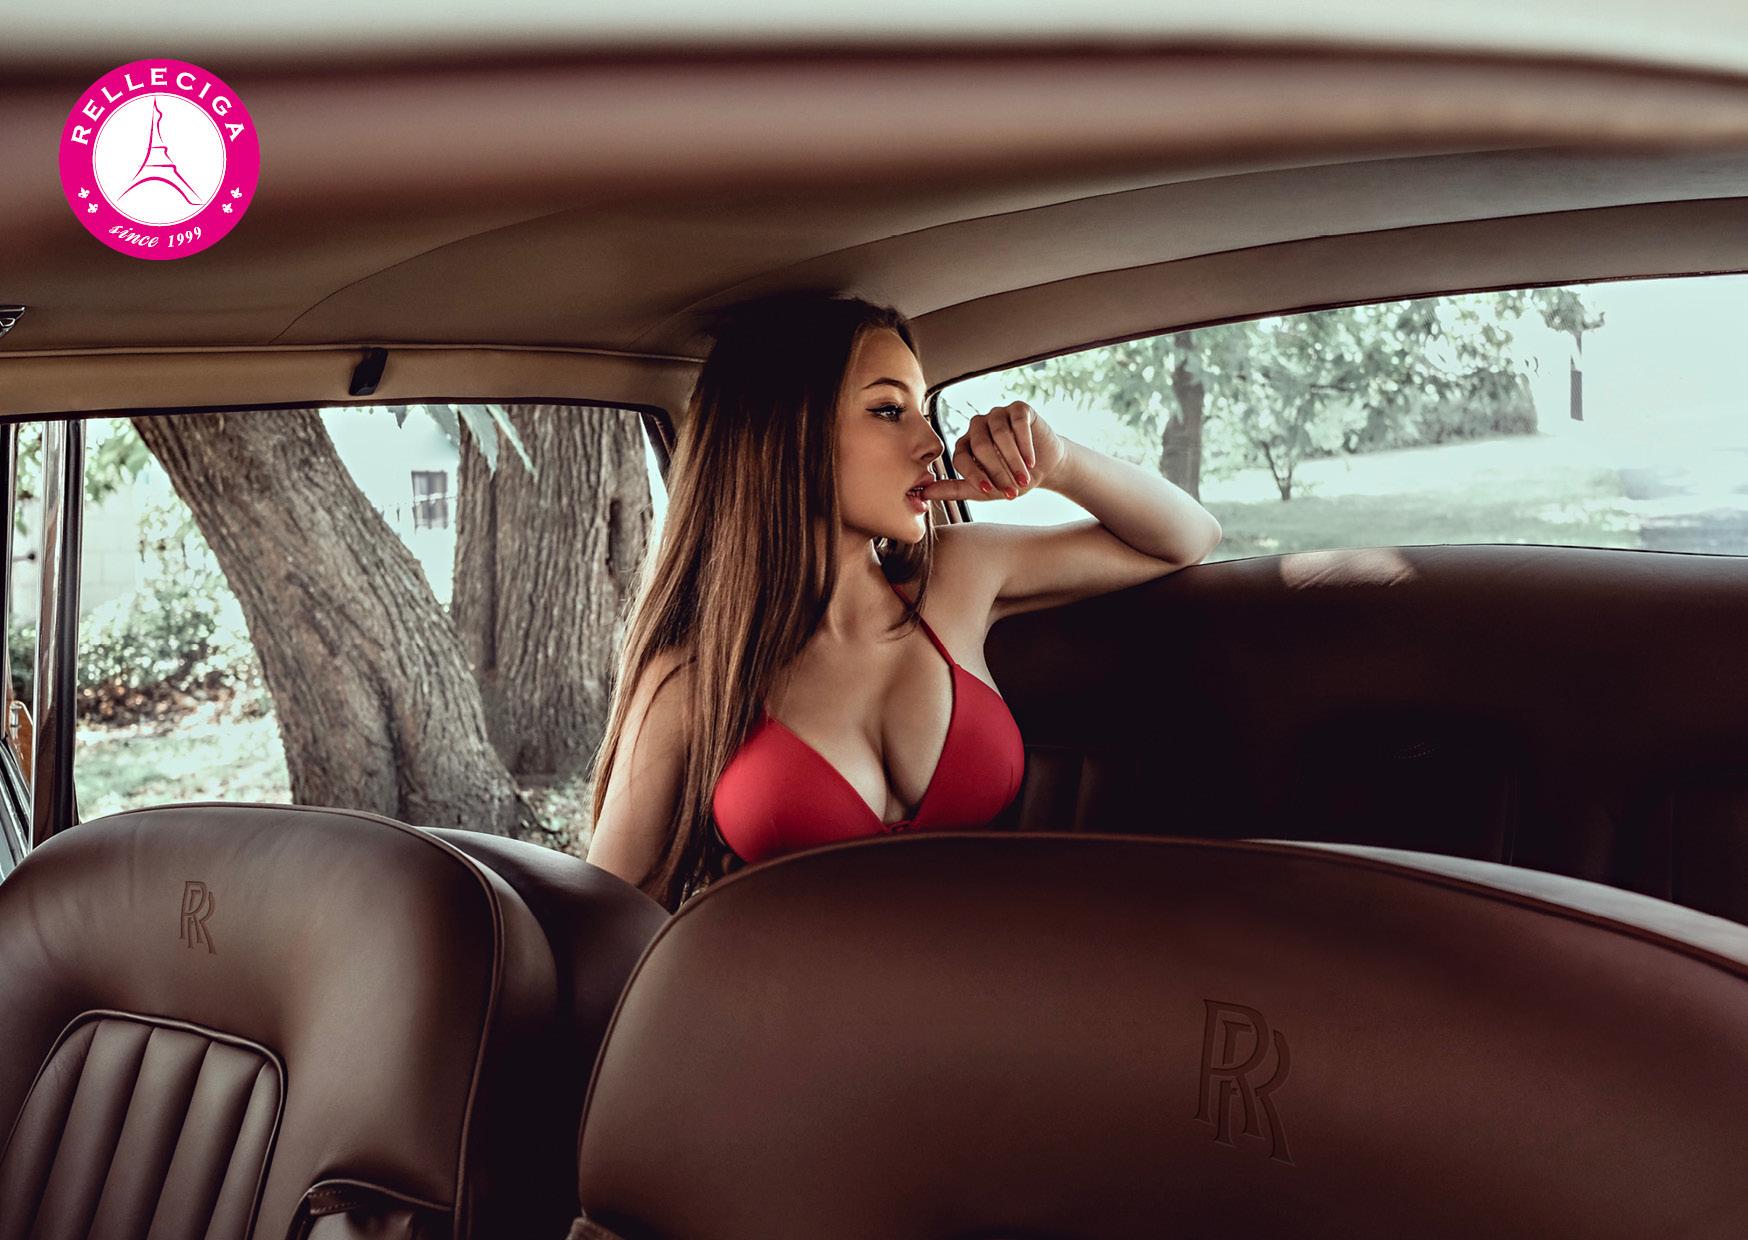 欧洲豪车商Nelly Cars与RELLECIGA俪丝娅共浴时尚奢华盛宴